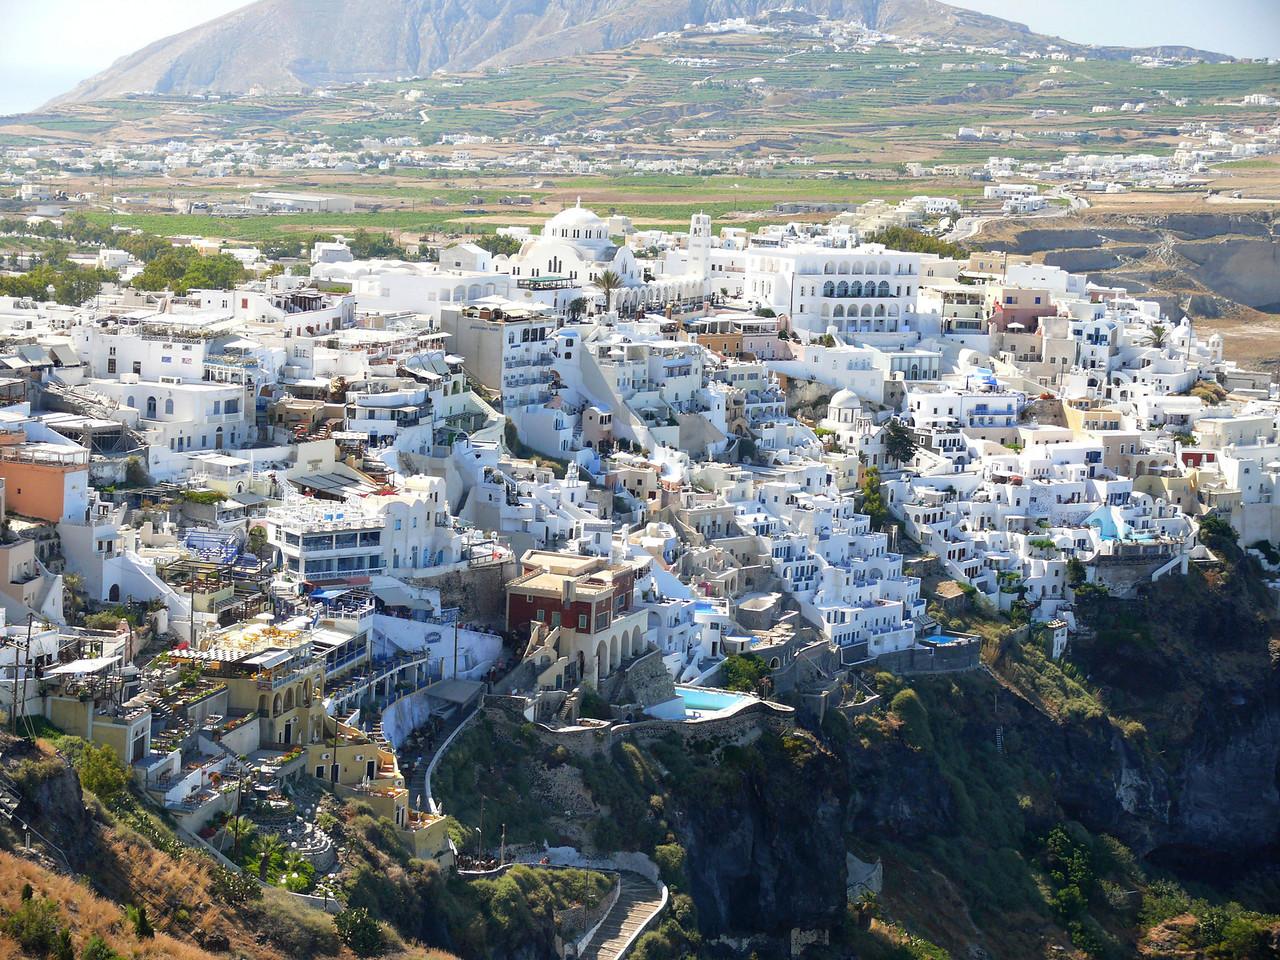 103_392 Greece Santorini